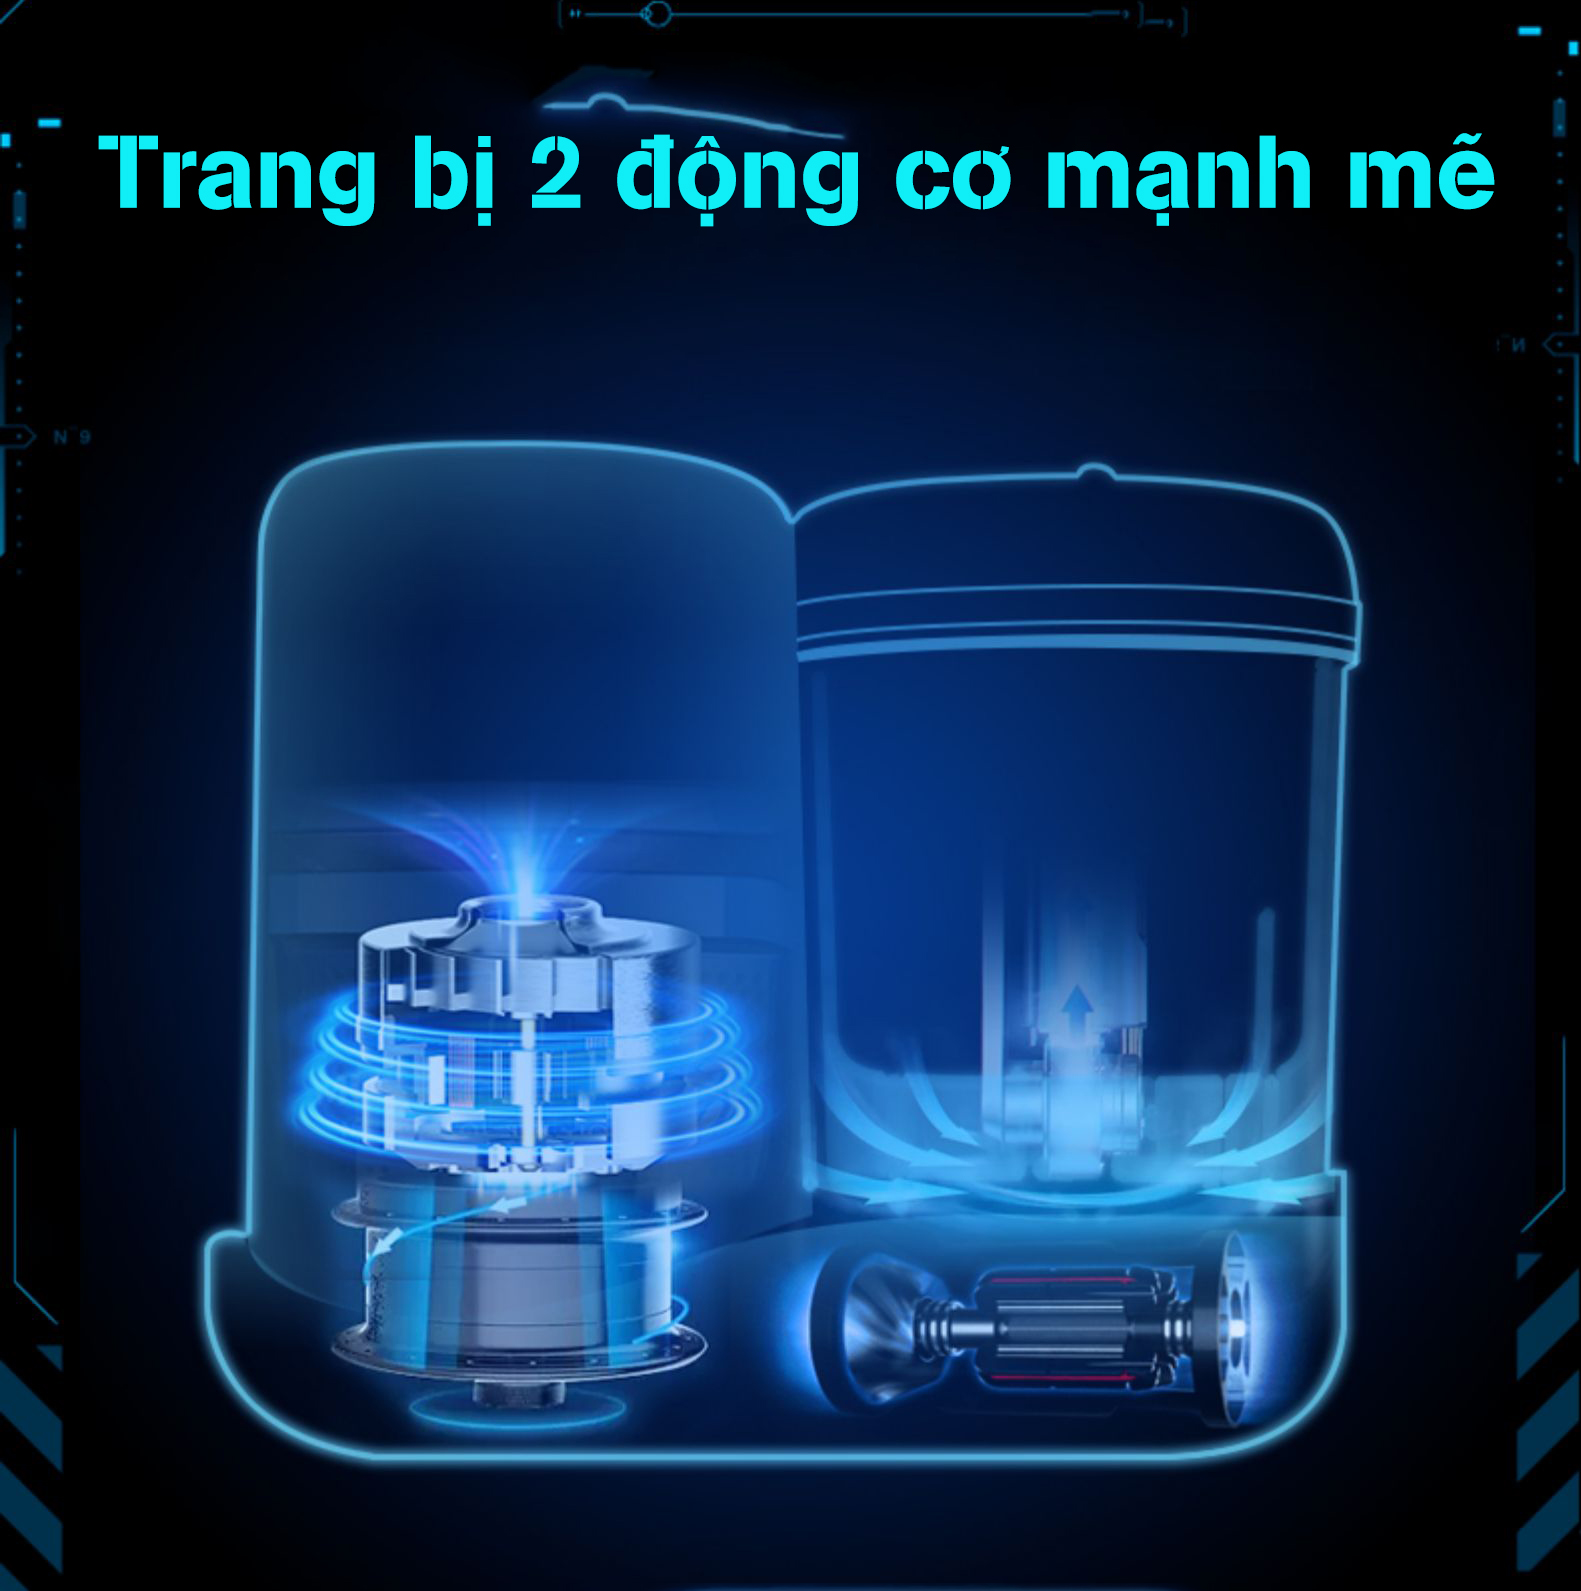 Máy xay hấp nghiền thức ăn đa năng 7in1 Motherlove tặng kèm máy xay đa nang nhỏ (xanh) - Hàng chính hãng